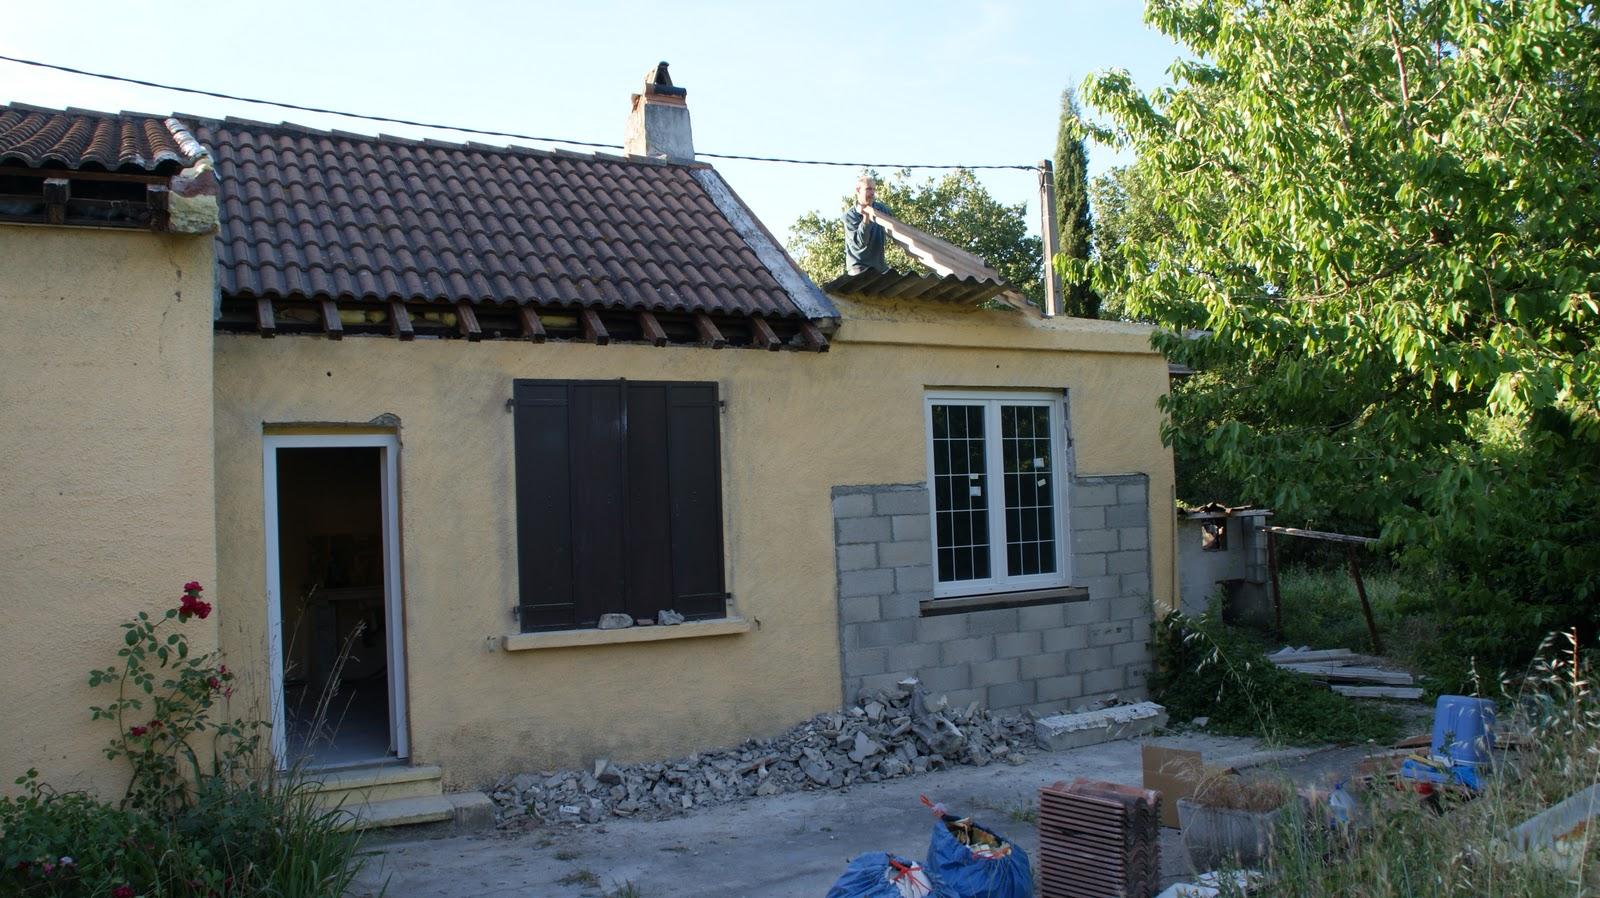 belvezet mas de l 39 ancienne eglise juin 2011 d montage de la toiture en fibro ciment. Black Bedroom Furniture Sets. Home Design Ideas